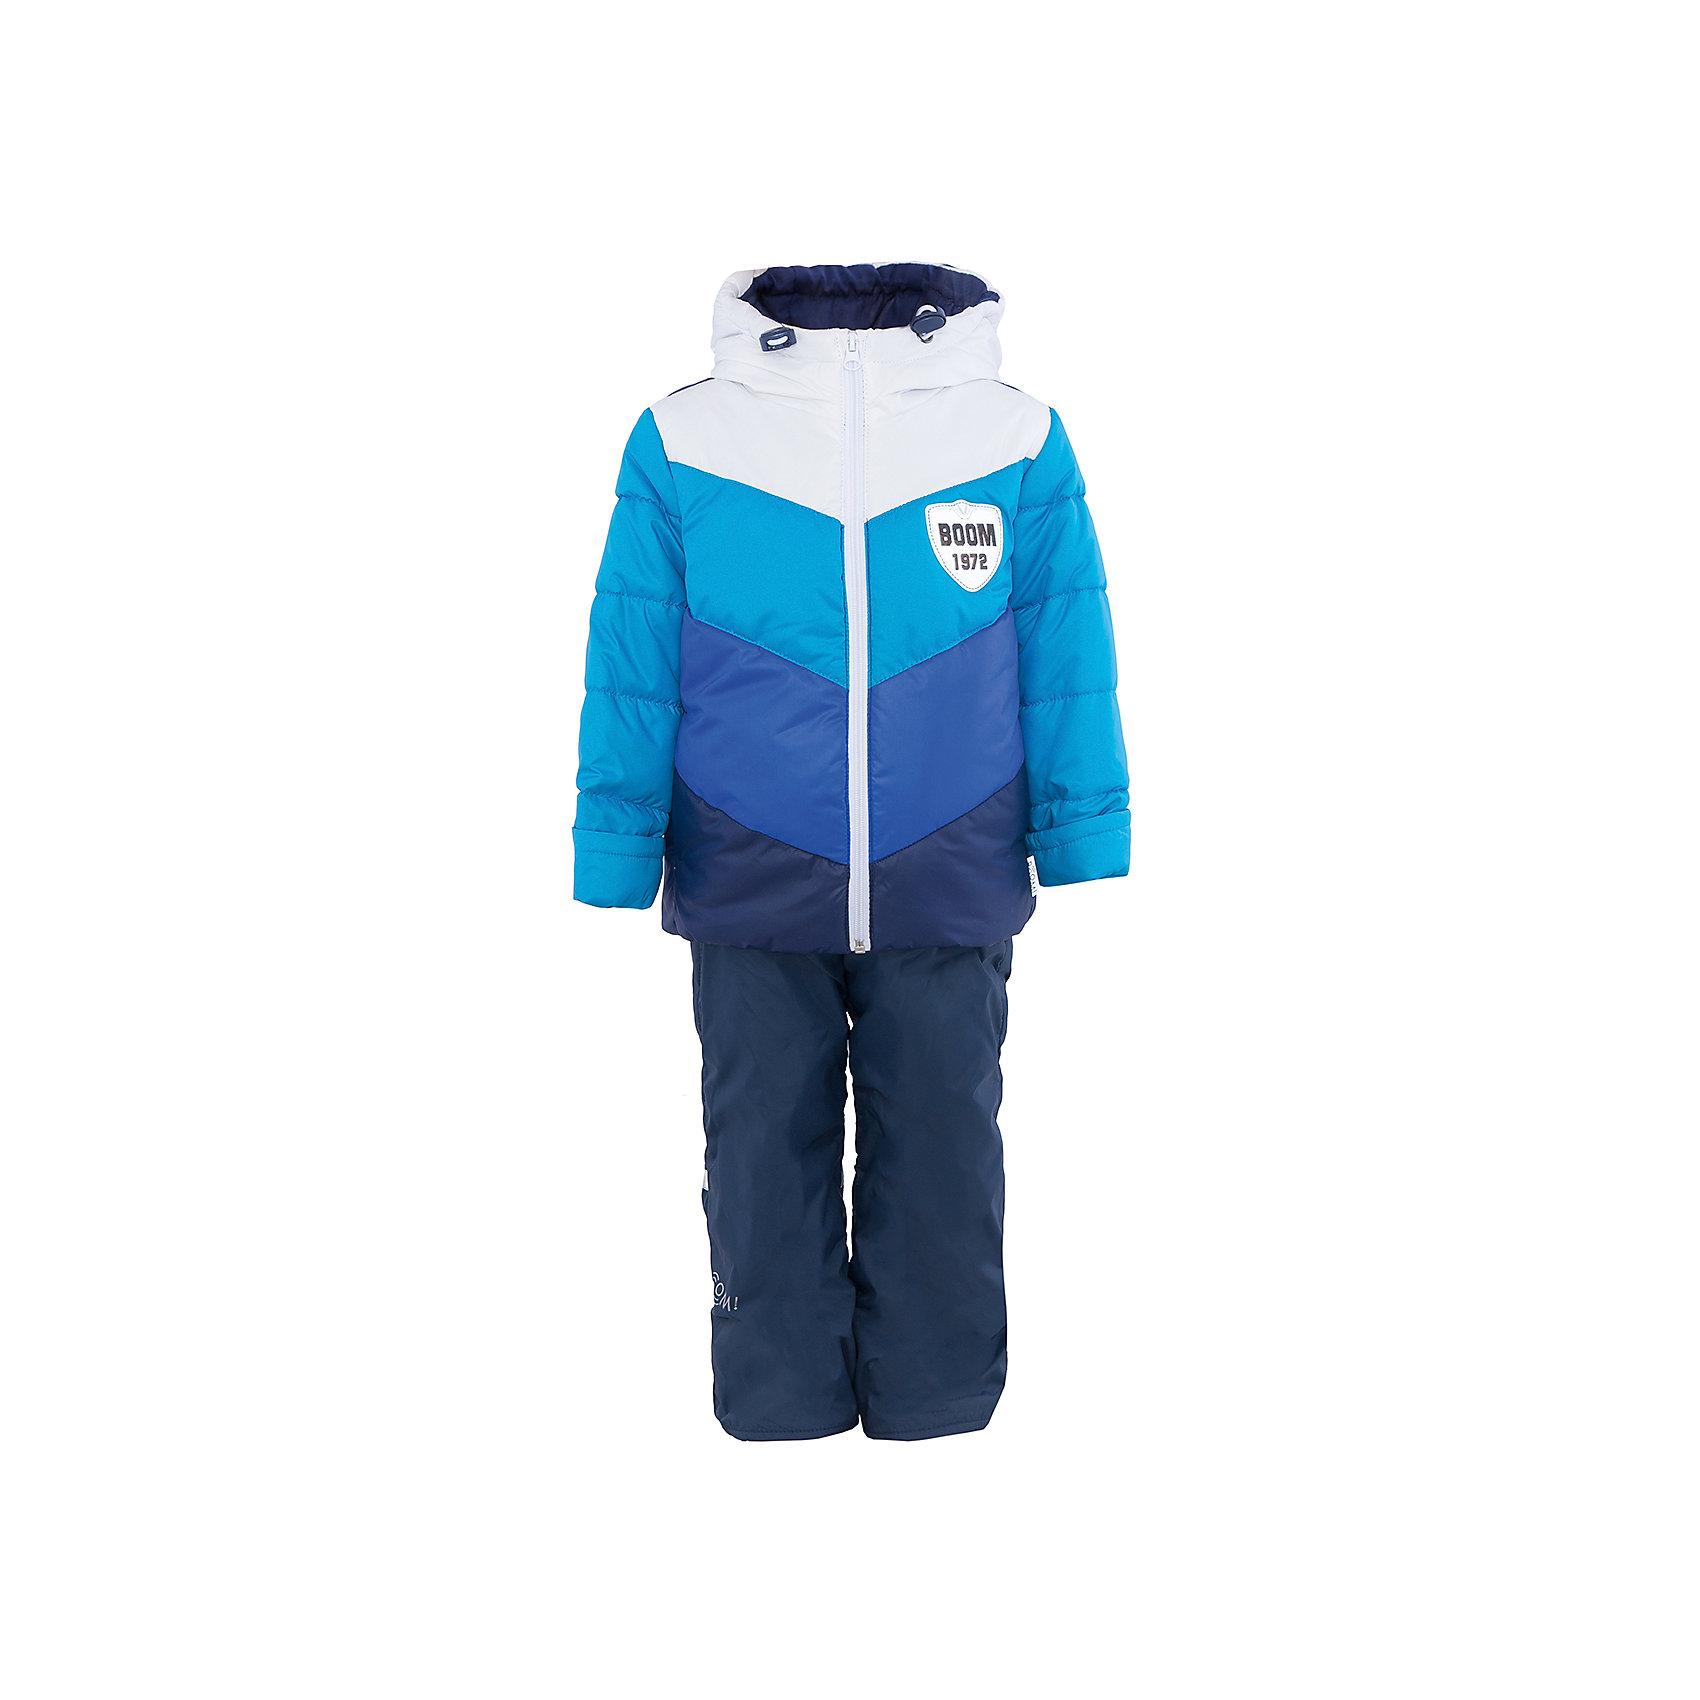 Комплект для мальчика BOOM by OrbyХарактеристики товара:<br><br>• цвет: синий/голубой/белый<br>• состав: <br>курточка: верх - болонь, подкладка - поликоттон, полиэстер, утеплитель: эко-синтепон 150 г/м2<br>брюки: верх - таффета, подкладка - флис<br>• комплектация: куртка, брюки<br>• температурный режим: от -5 С° до +10 С° <br>• из непромокаемой ткани, с водо и грязеотталкивающими пропитками<br>• капюшон с утяжкой, не отстёгивается<br>• застежка - молния<br>• куртка декорирована нашивкой<br>• отвороты помогают заметно трансформировать размер<br>• комфортная посадка<br>• страна производства: Российская Федерация<br>• страна бренда: Российская Федерация<br>• коллекция: весна-лето 2017<br><br>Такой комплект - универсальный вариант для межсезонья с постоянно меняющейся погодой. Эта модель - модная и удобная одновременно! Изделие отличается стильным ярким дизайном. Куртка и брюки хорошо сидят по фигуре, отлично сочетается с различной обувью. Модель была разработана специально для детей.<br><br>Одежда от российского бренда BOOM by Orby уже завоевала популярностью у многих детей и их родителей. Вещи, выпускаемые компанией, качественные, продуманные и очень удобные. Для производства коллекций используются только безопасные для детей материалы. Спешите приобрести модели из новой коллекции Весна-лето 2017! <br><br>Комплект для мальчика от бренда BOOM by Orby можно купить в нашем интернет-магазине.<br><br>Ширина мм: 356<br>Глубина мм: 10<br>Высота мм: 245<br>Вес г: 519<br>Цвет: синий<br>Возраст от месяцев: 12<br>Возраст до месяцев: 18<br>Пол: Мужской<br>Возраст: Детский<br>Размер: 86,104,116,122,92,98,110<br>SKU: 5342603